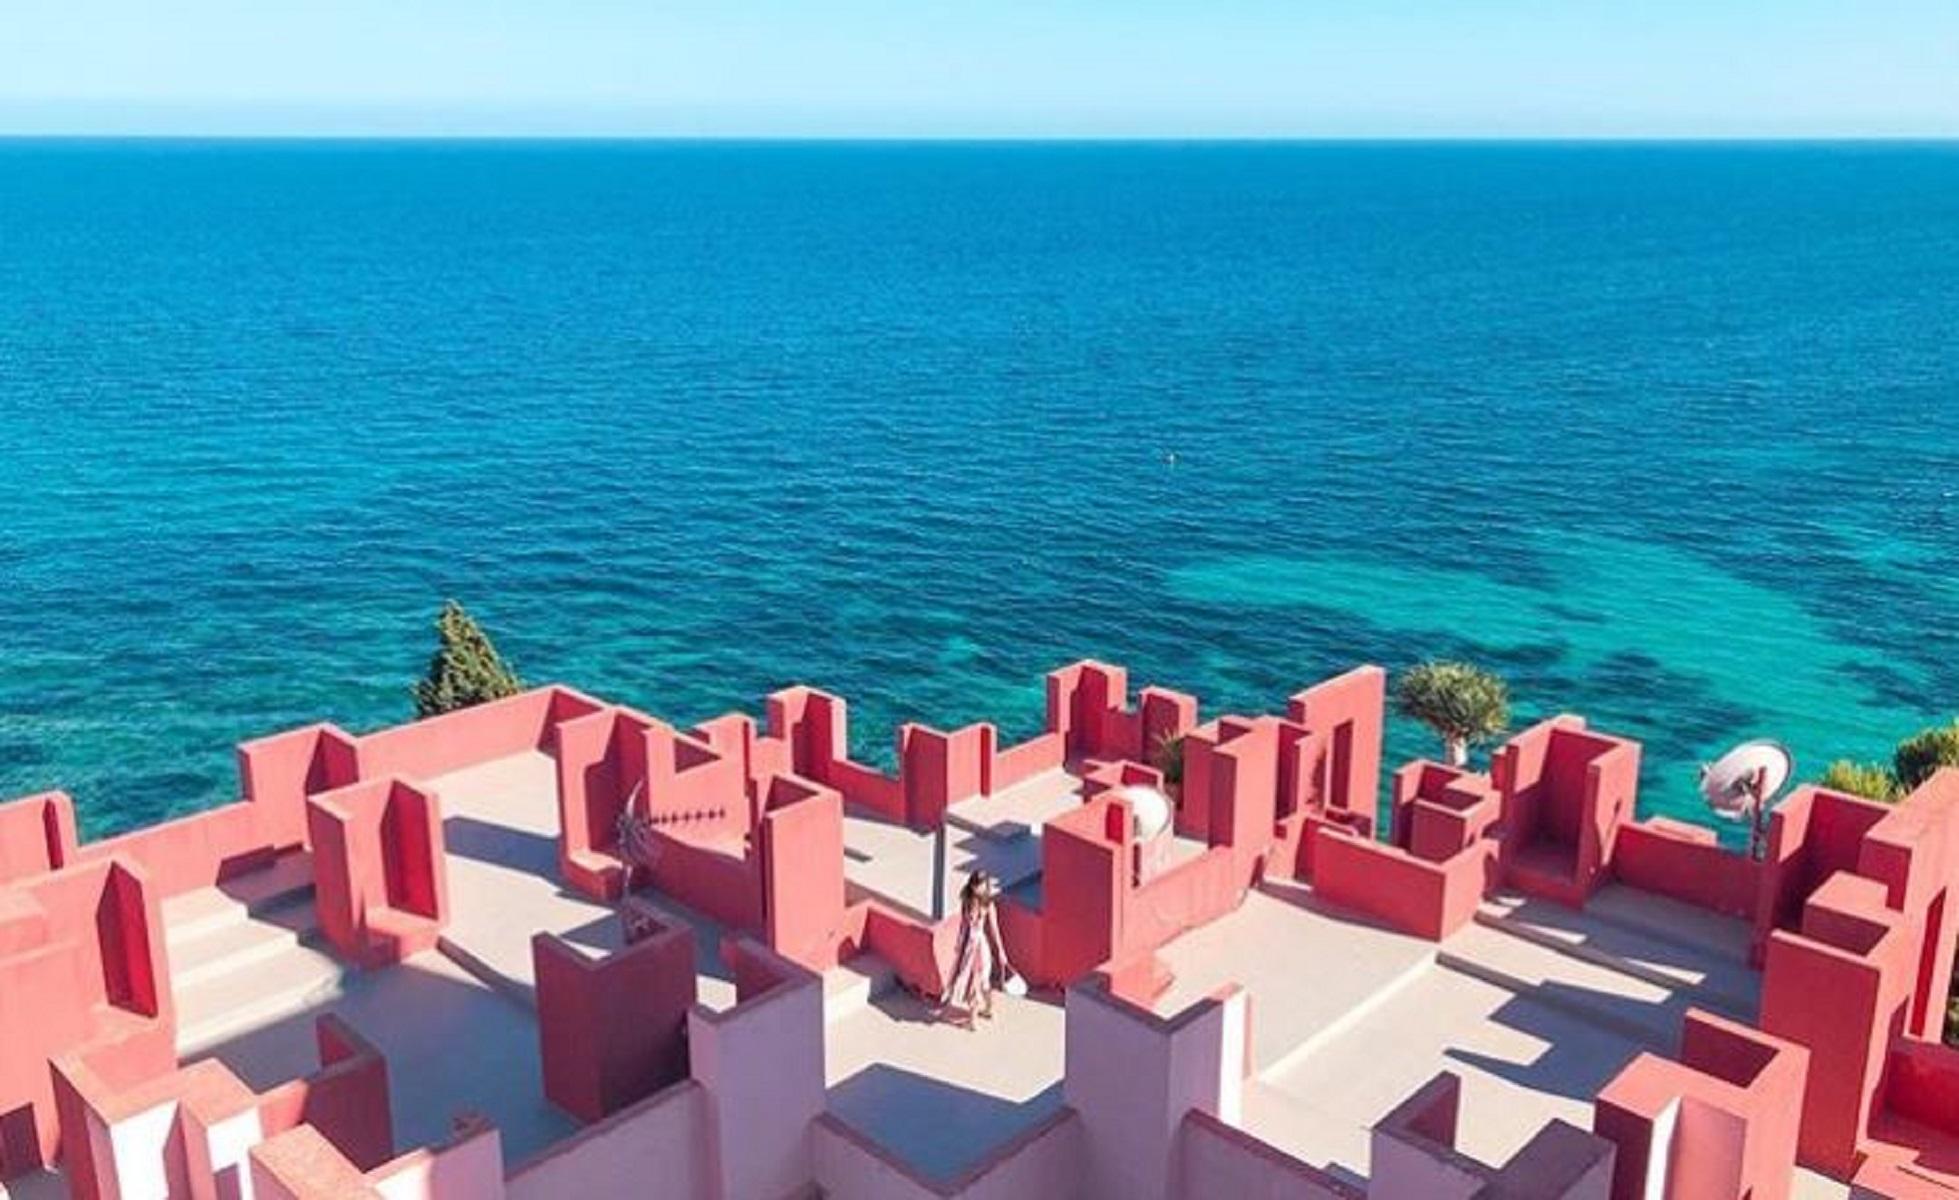 Mural de La Roja Espanola como visitarlo y que es